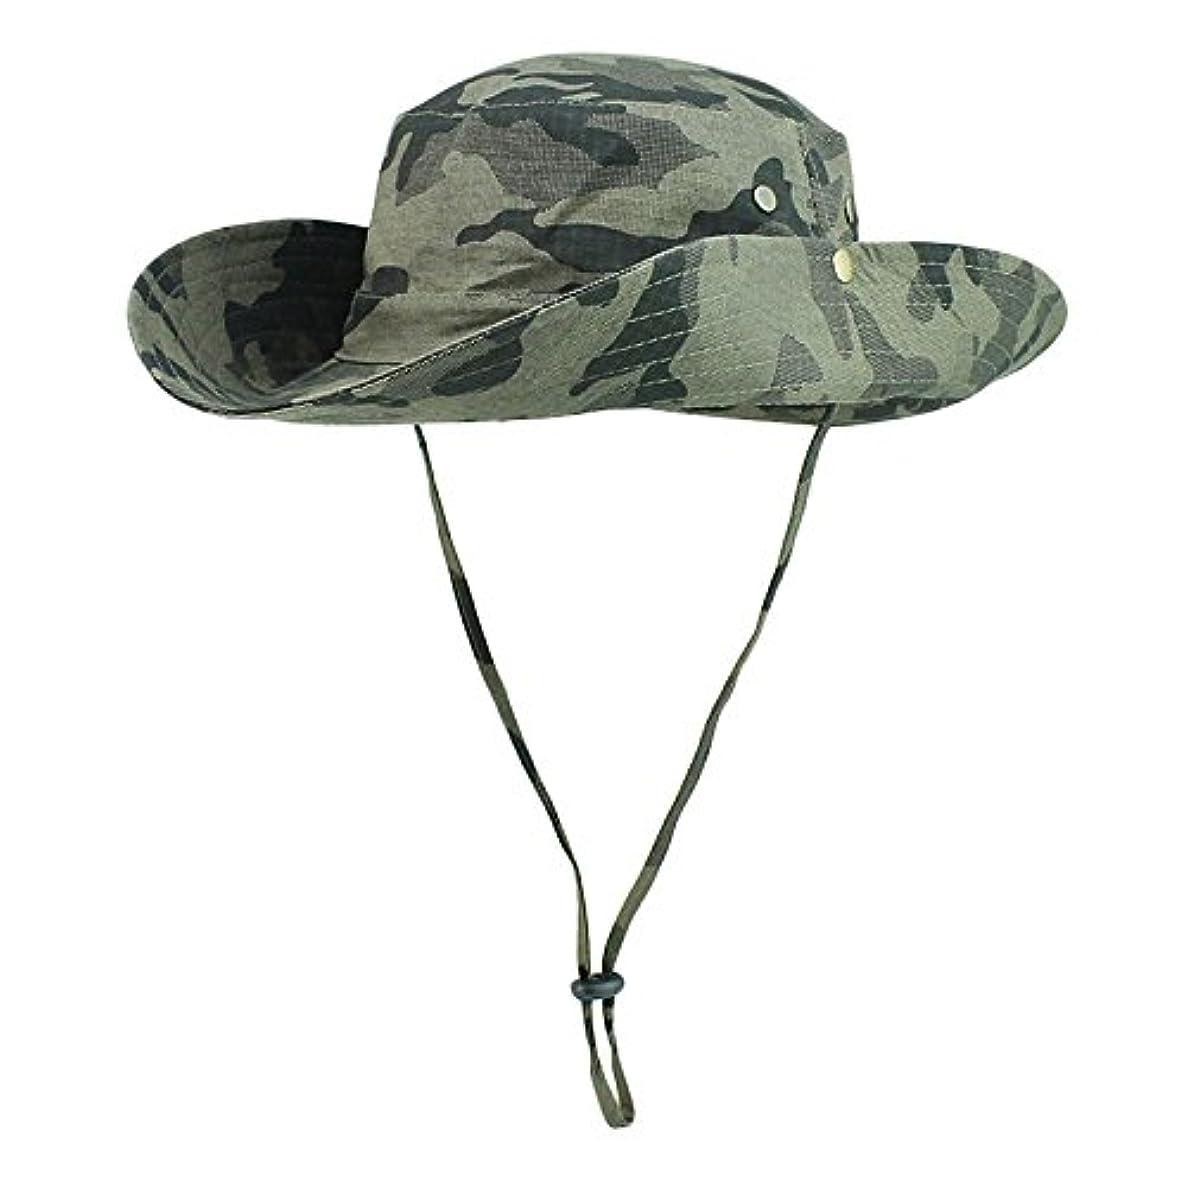 サラダ解説影のあるEDTara 防水帽子 幅広つば 通気性 ハンティング 釣り サンハット 調節可能 カモフラージュ 軽量 UV保護 帽子